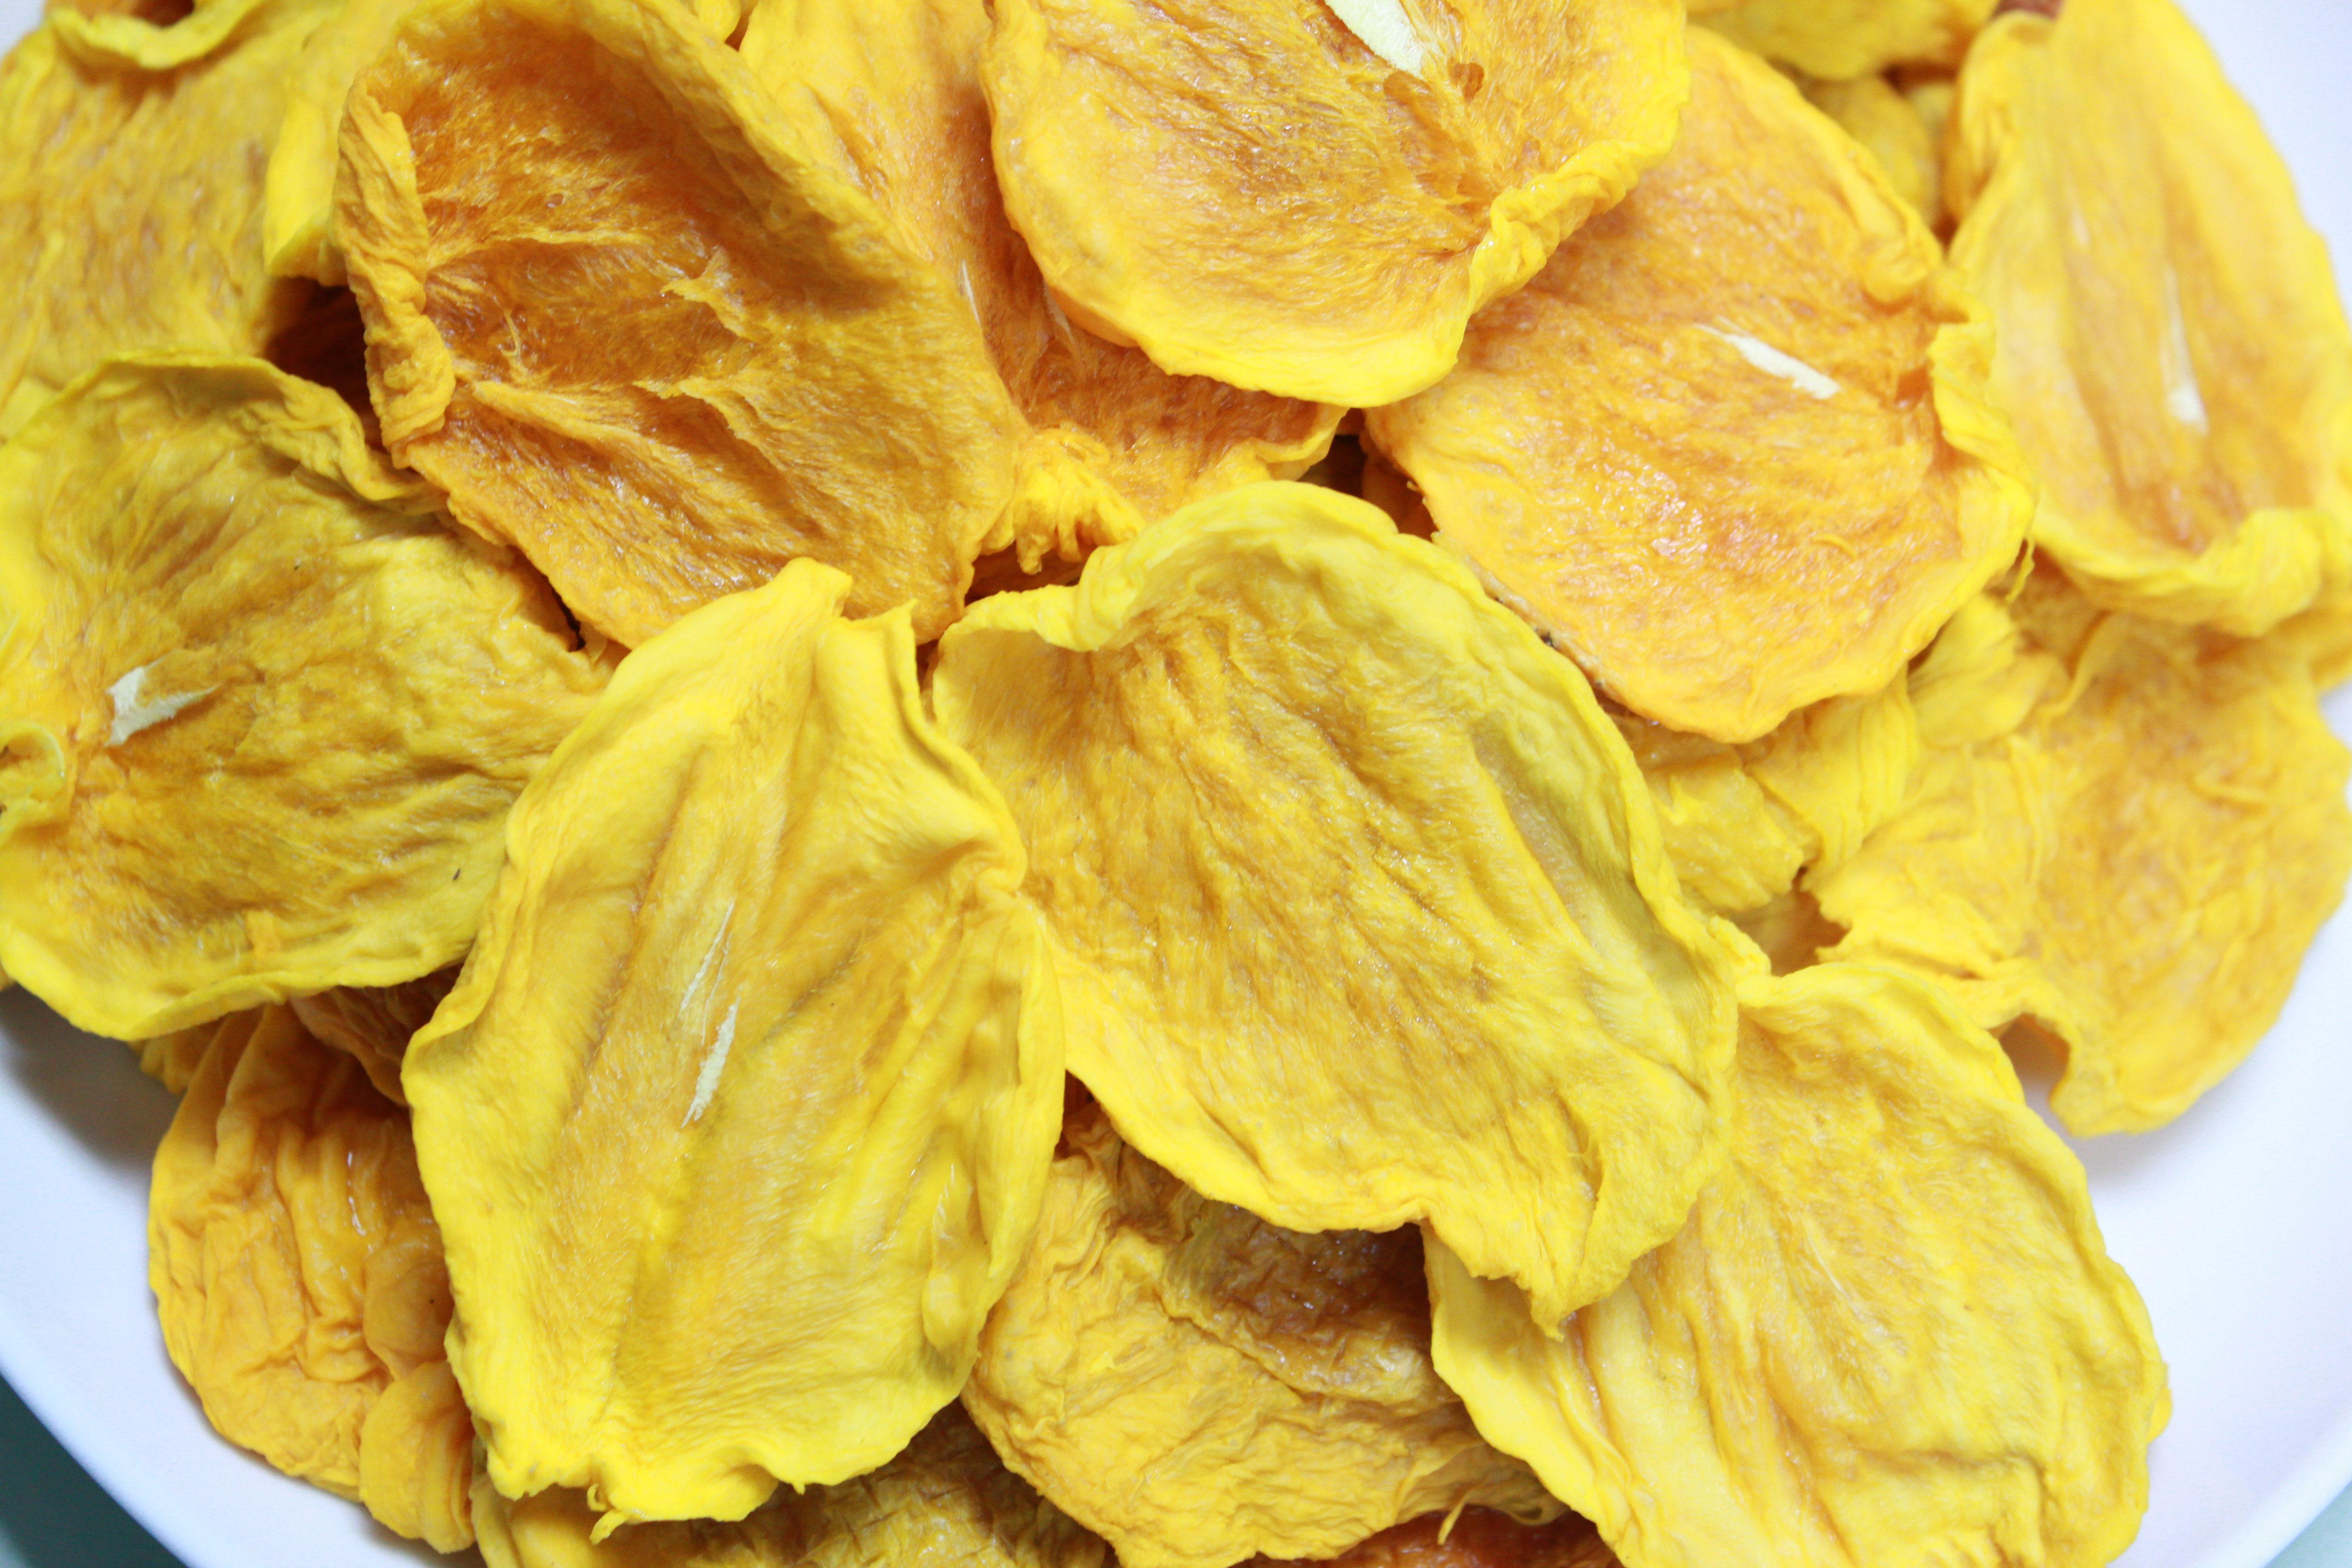 芒果 Mango